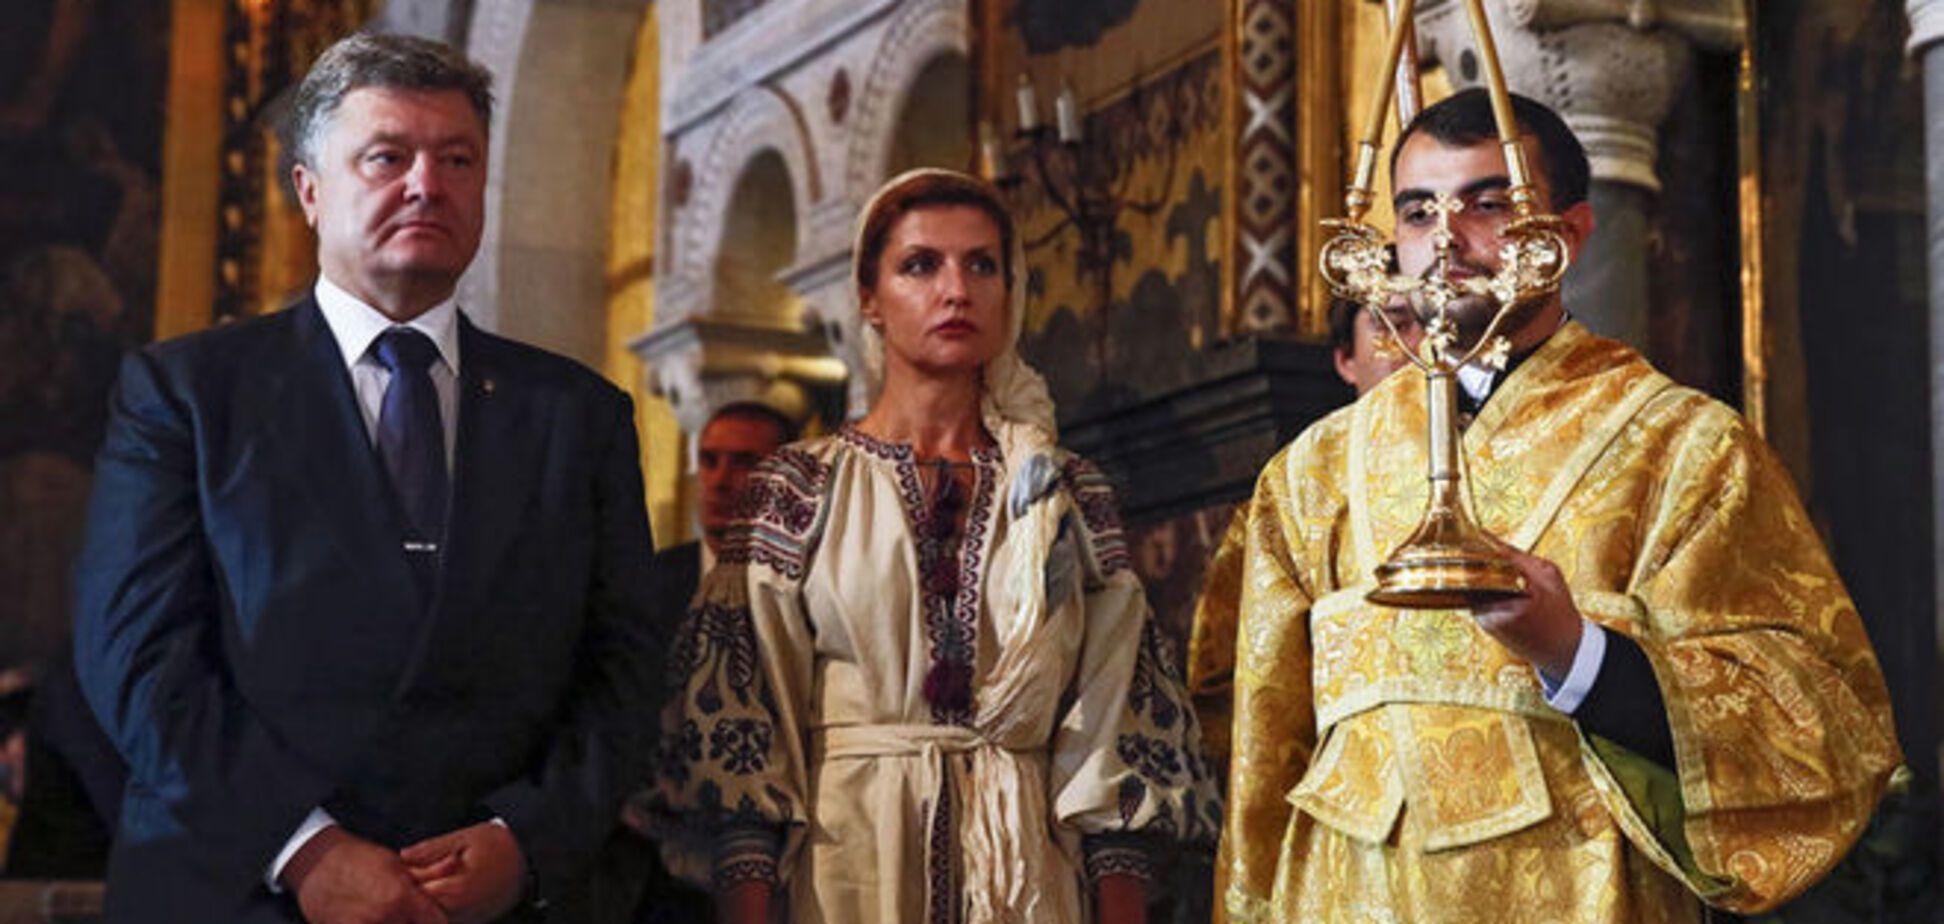 Марина Порошенко поразила старинной вышиванкой: опубликованы фото